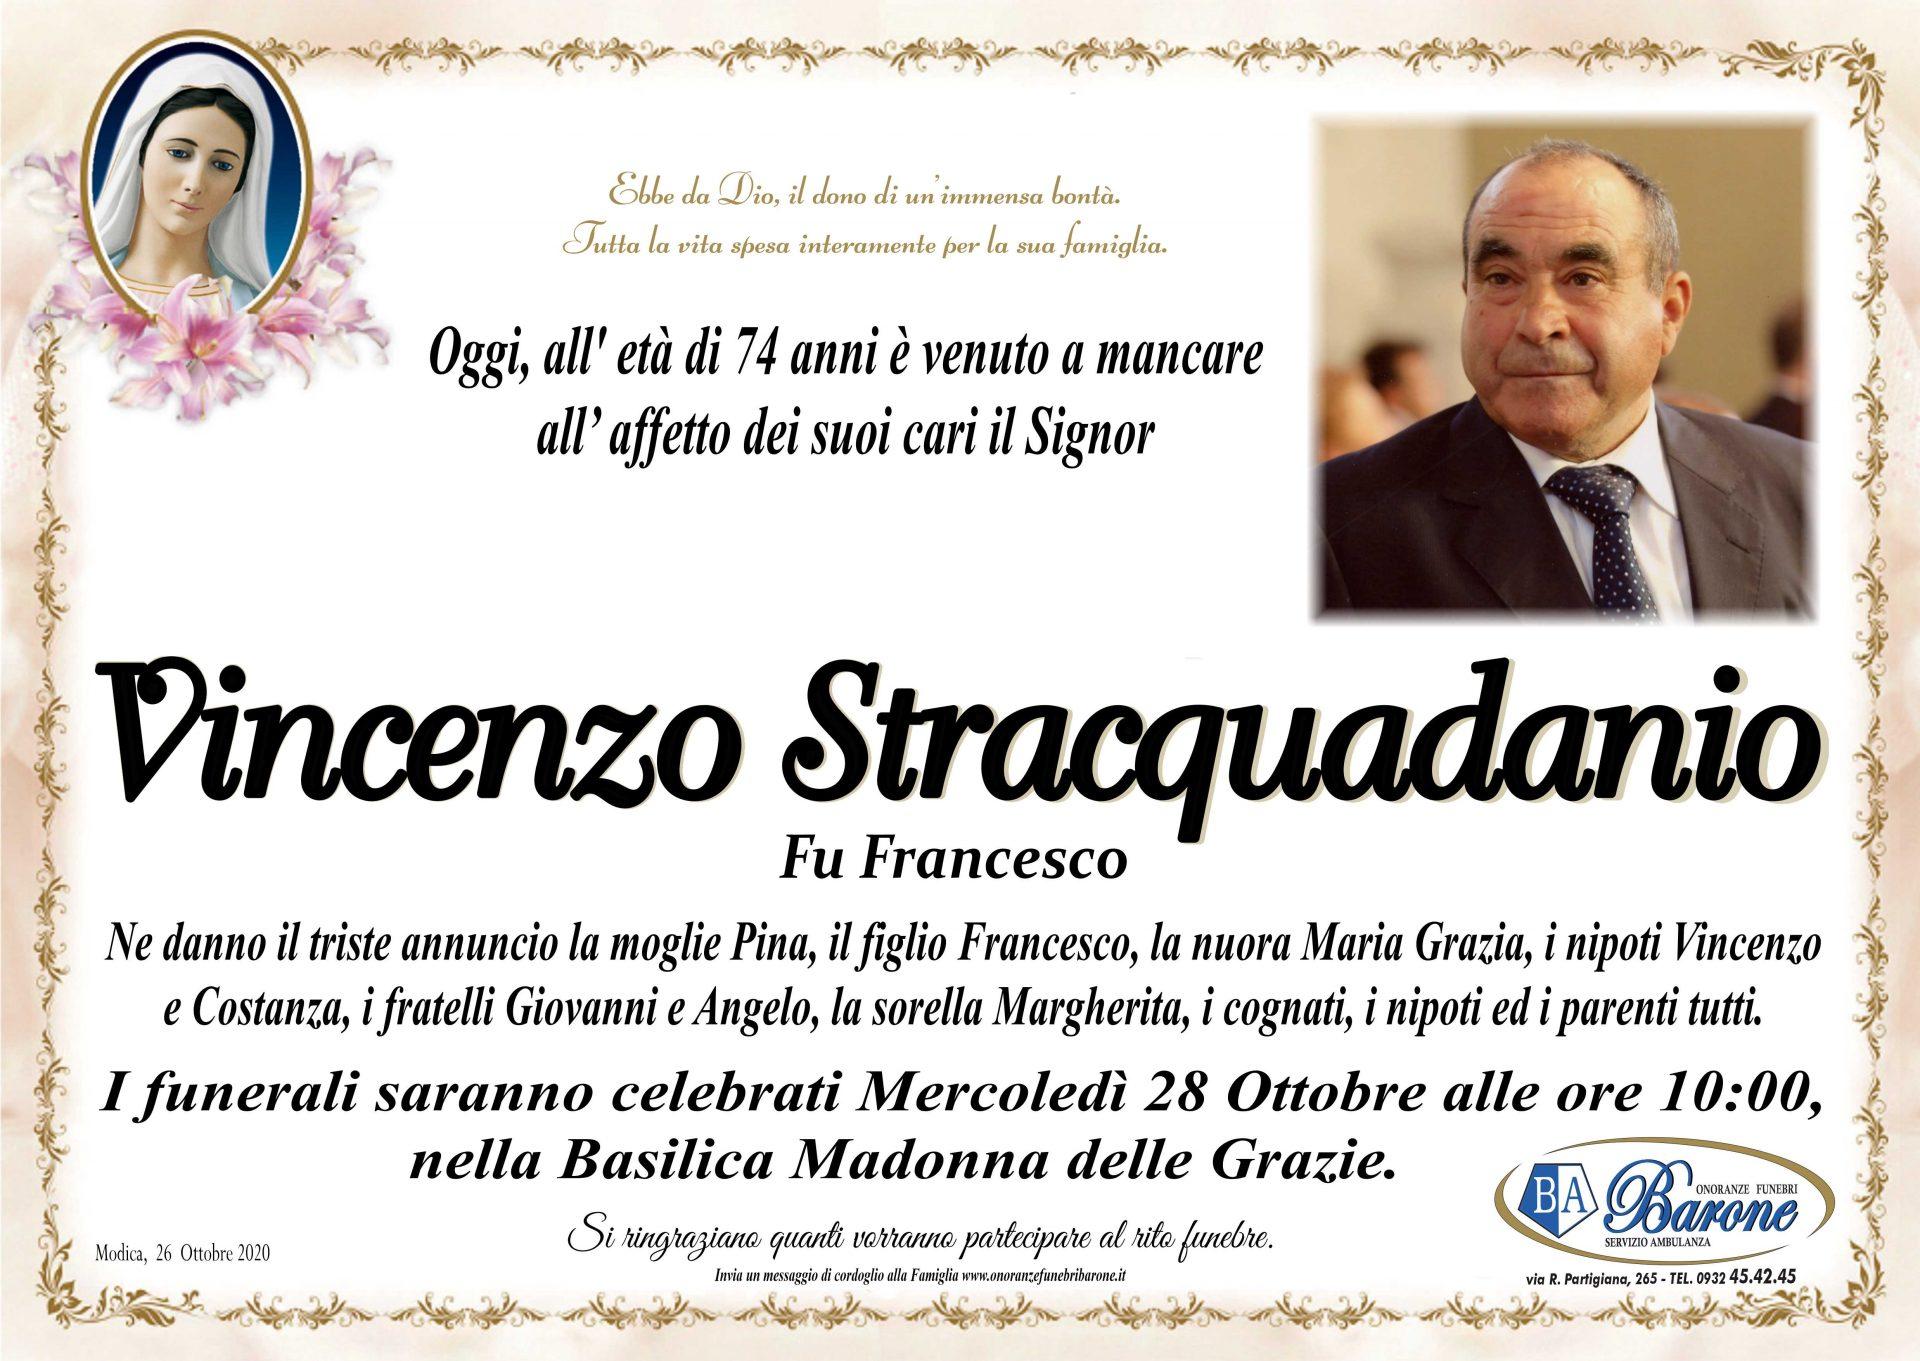 Vincenzo Stracquadanio